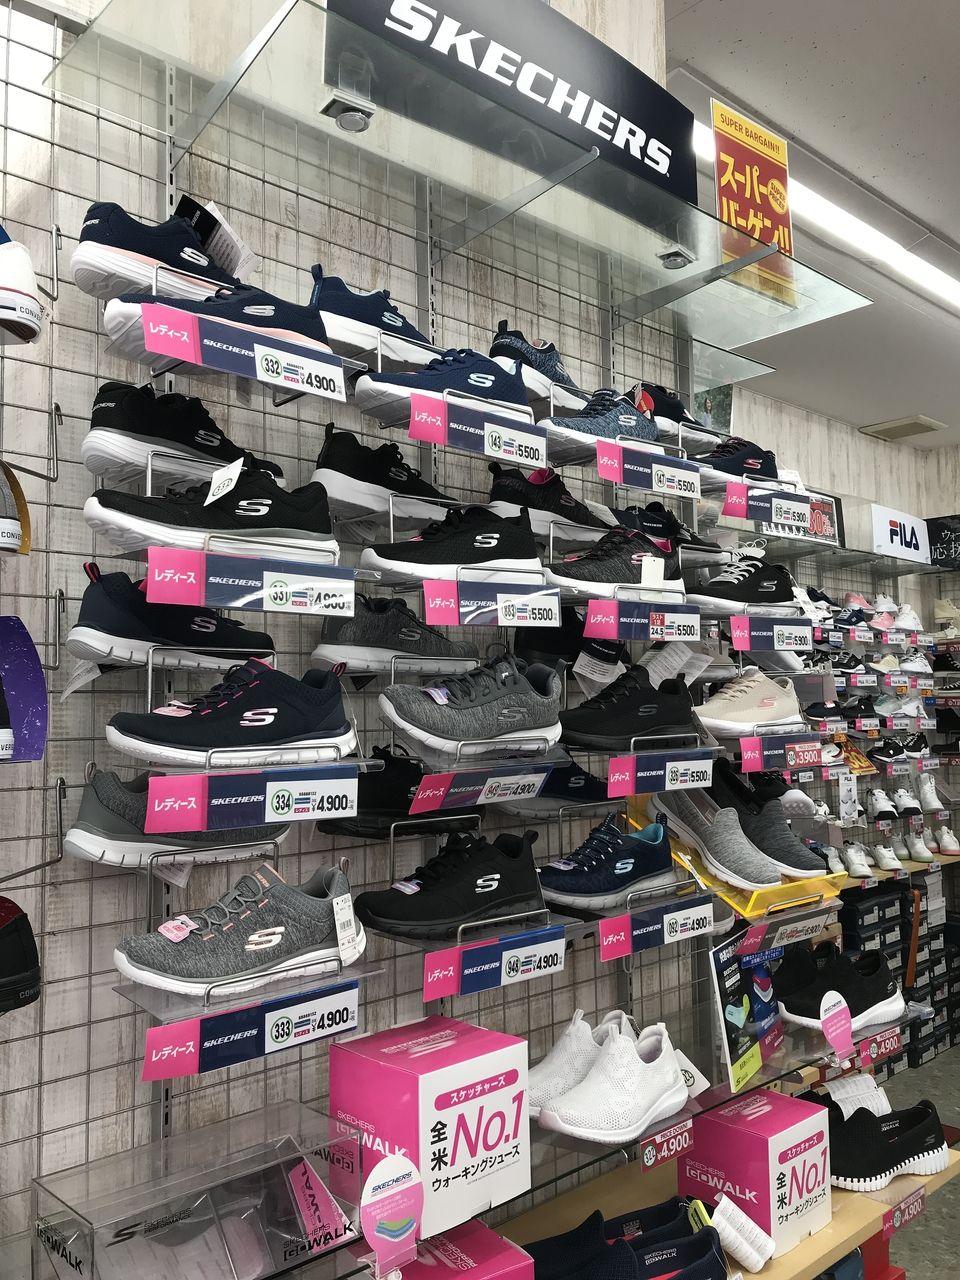 行徳の東京靴流通センターのスケッチャーズコーナー